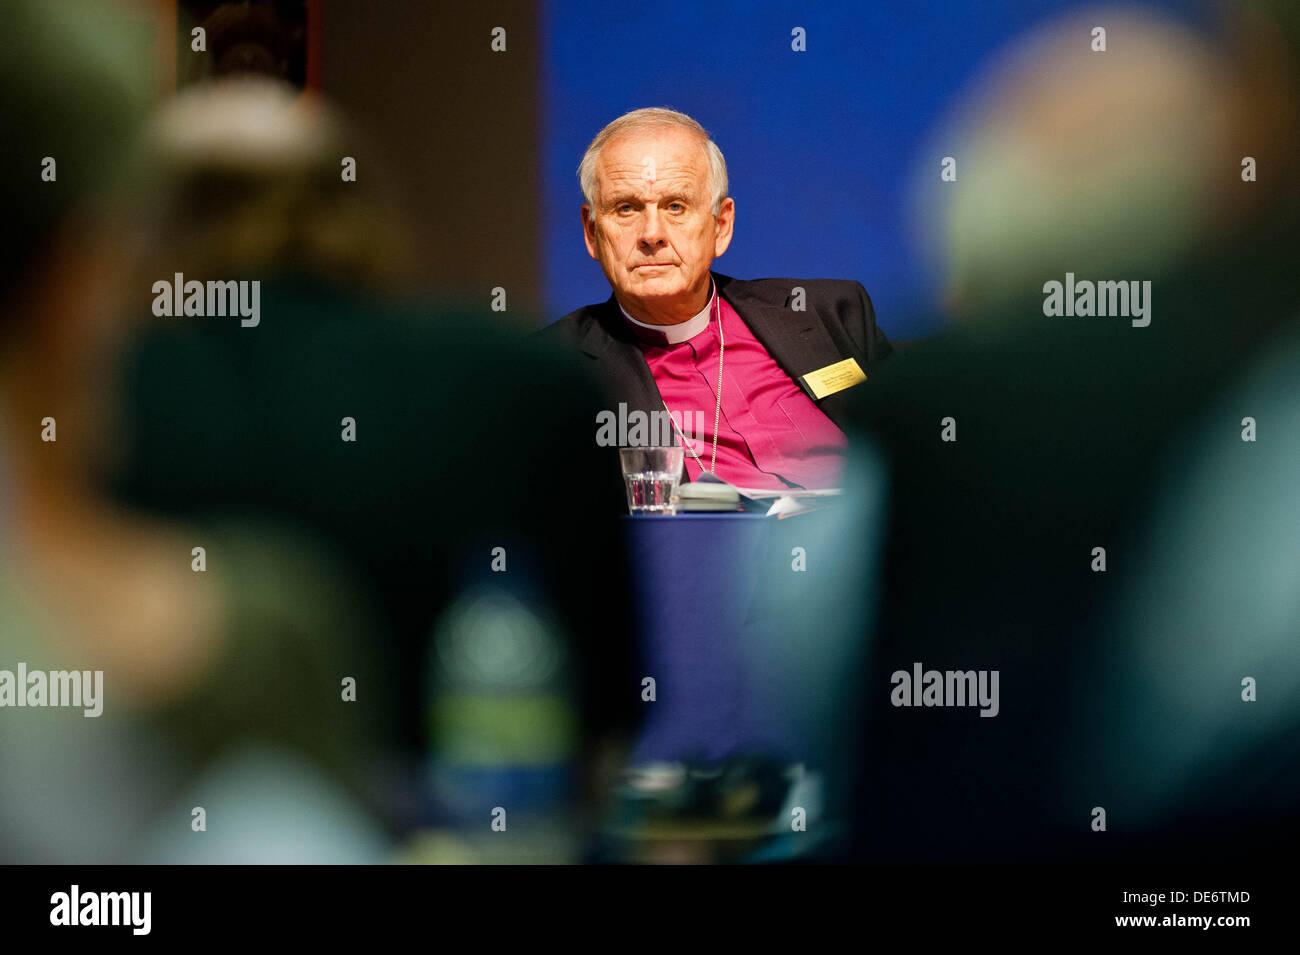 Lampeter, UK. 12. September 2013.   Im Bild: Pfr. Barry Morgan, Erzbischof von Wales bei der Abstimmung.  Re: Frauen Stockbild